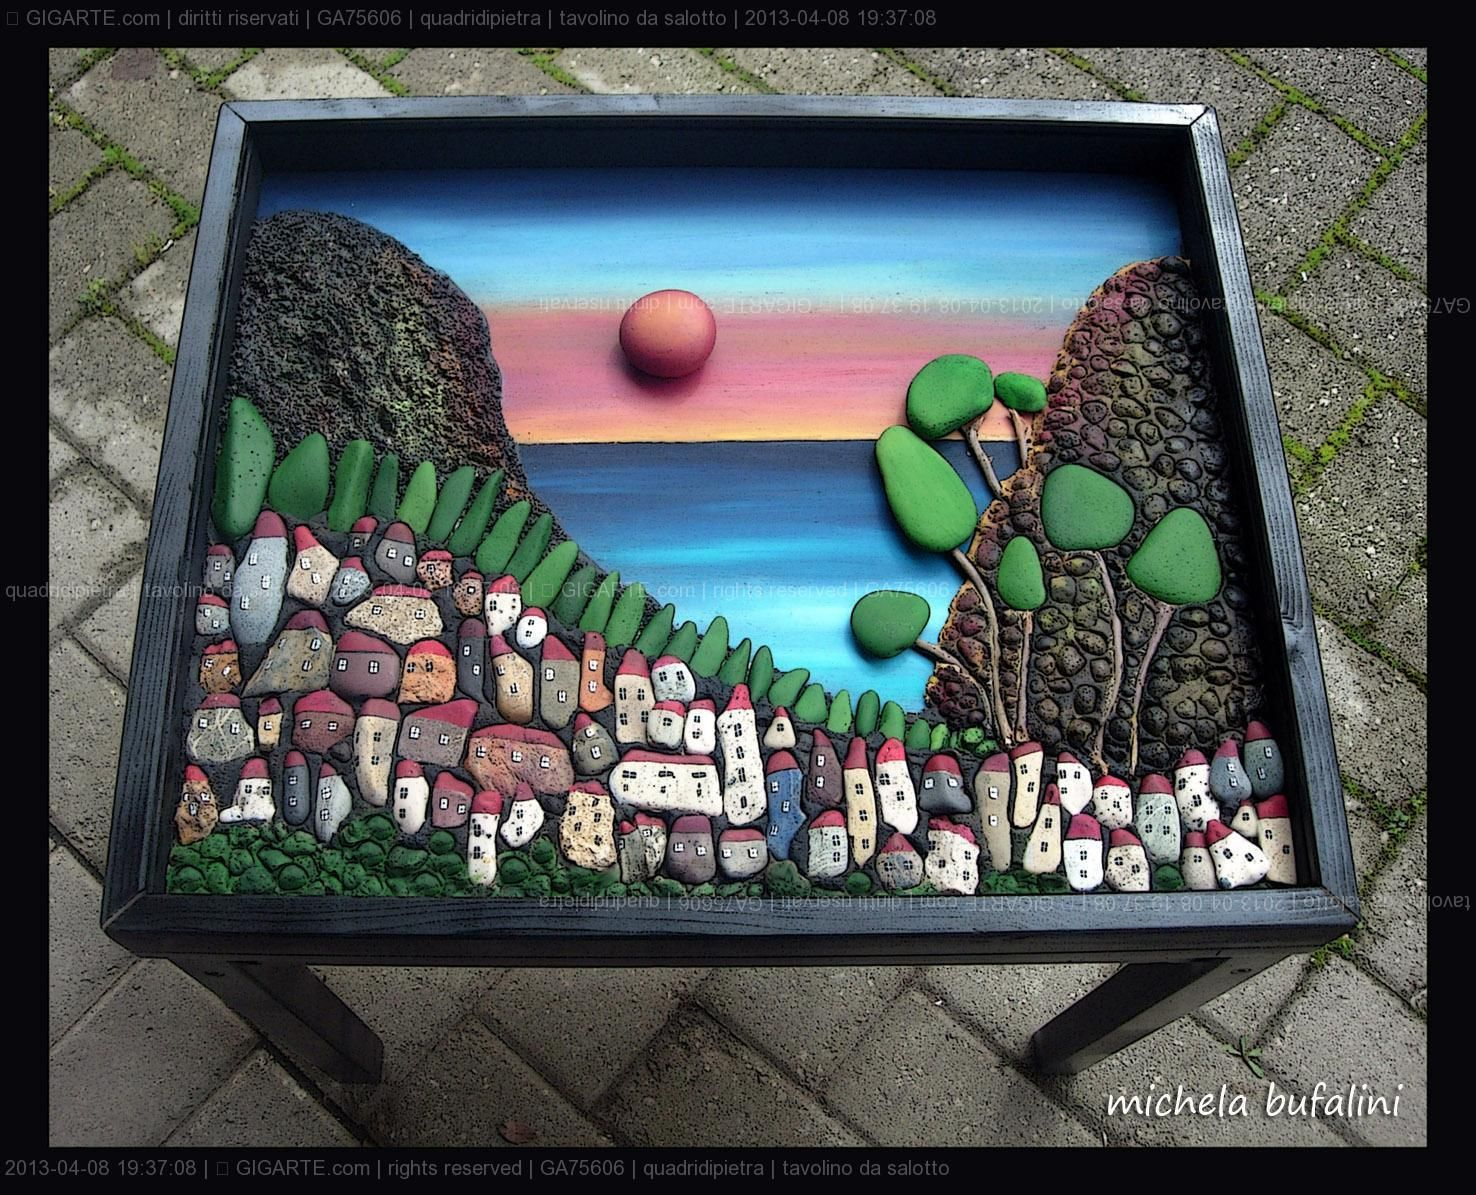 Arredamento Rock ~ Michela bufalini complementi di arredo @gigarte.com pebble art